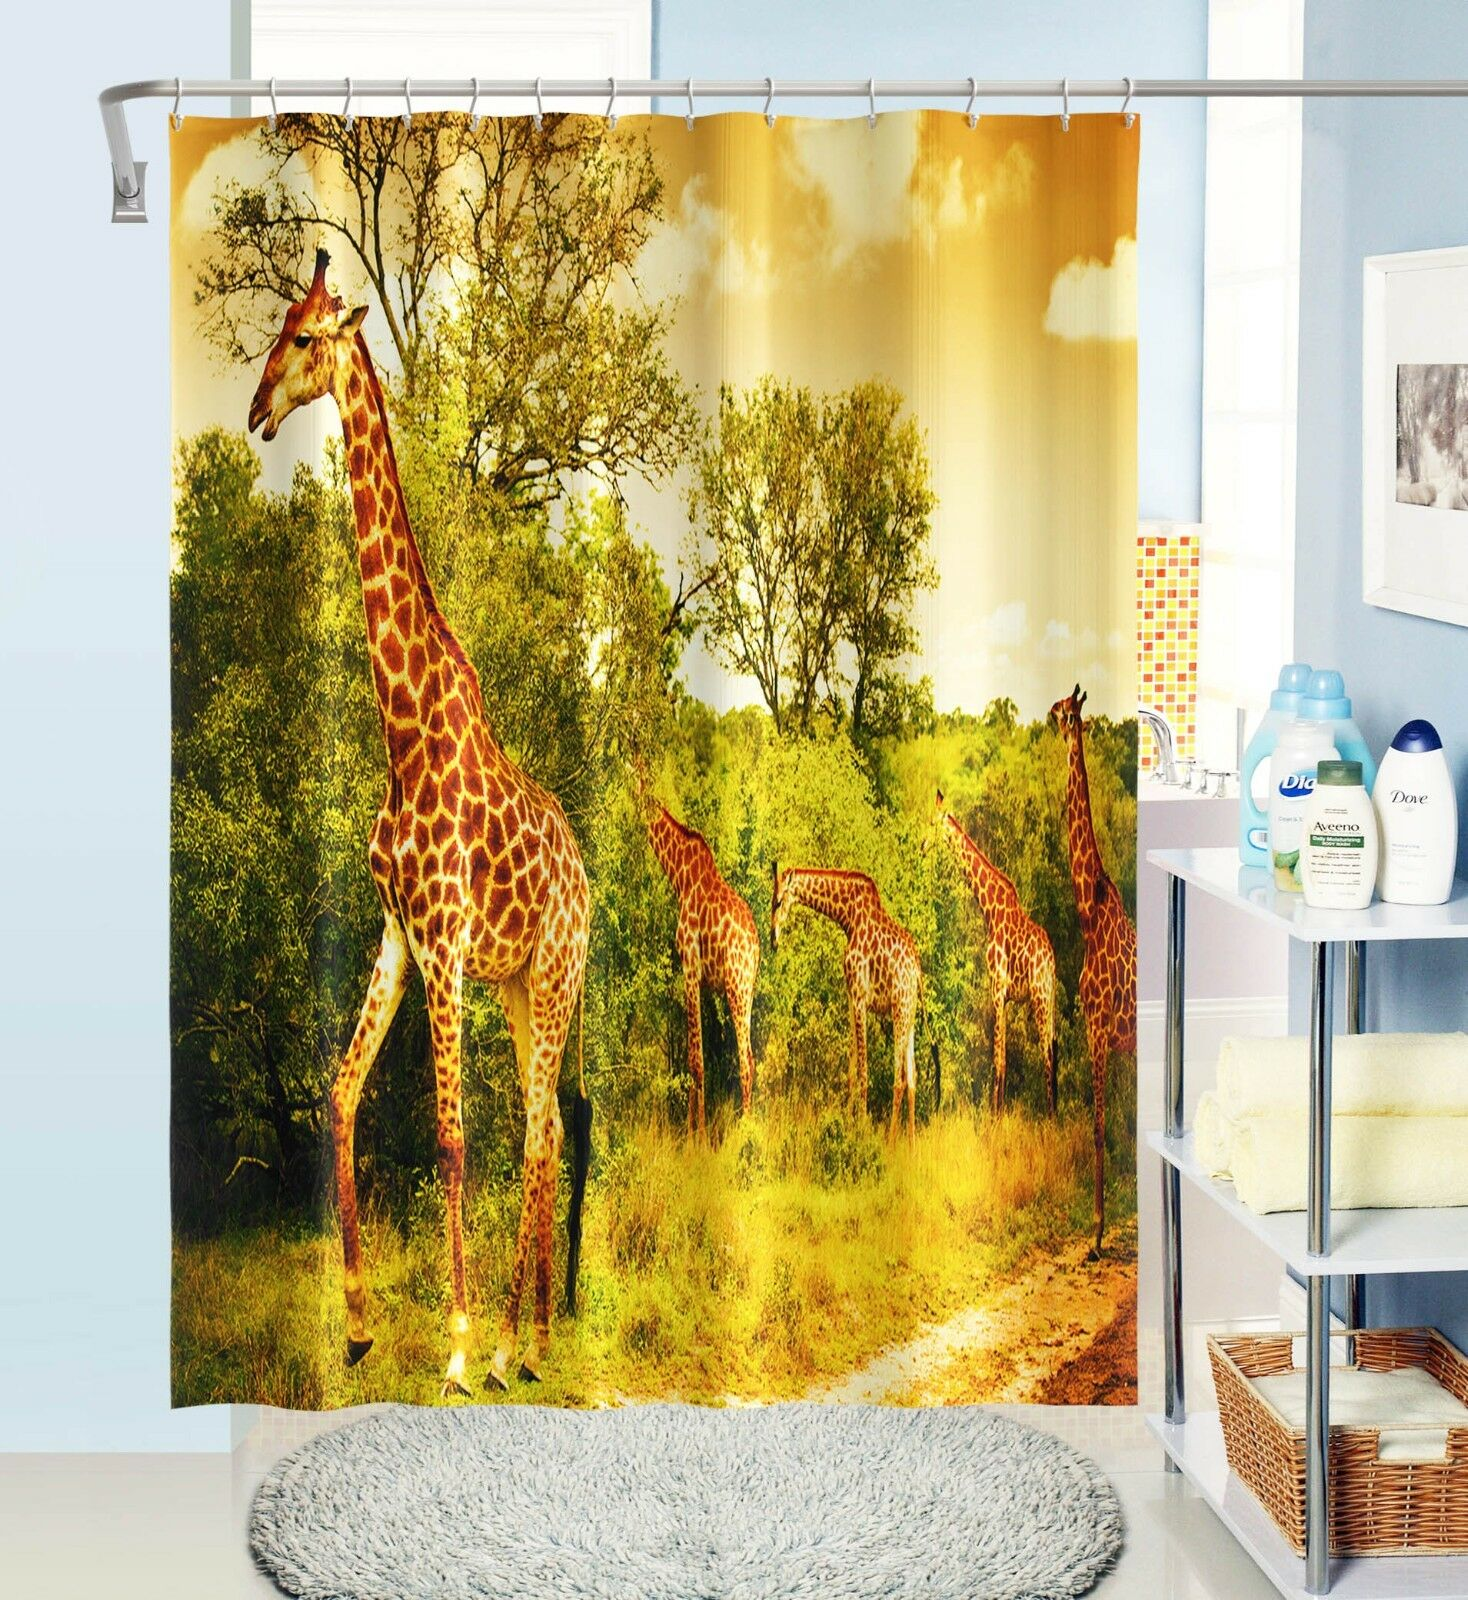 3D 3D 3D Giraffe Baum 32 Duschvorhang Wasserdicht Faser Bad Daheim Windows Toilette DE   Attraktiv Und Langlebig  173873